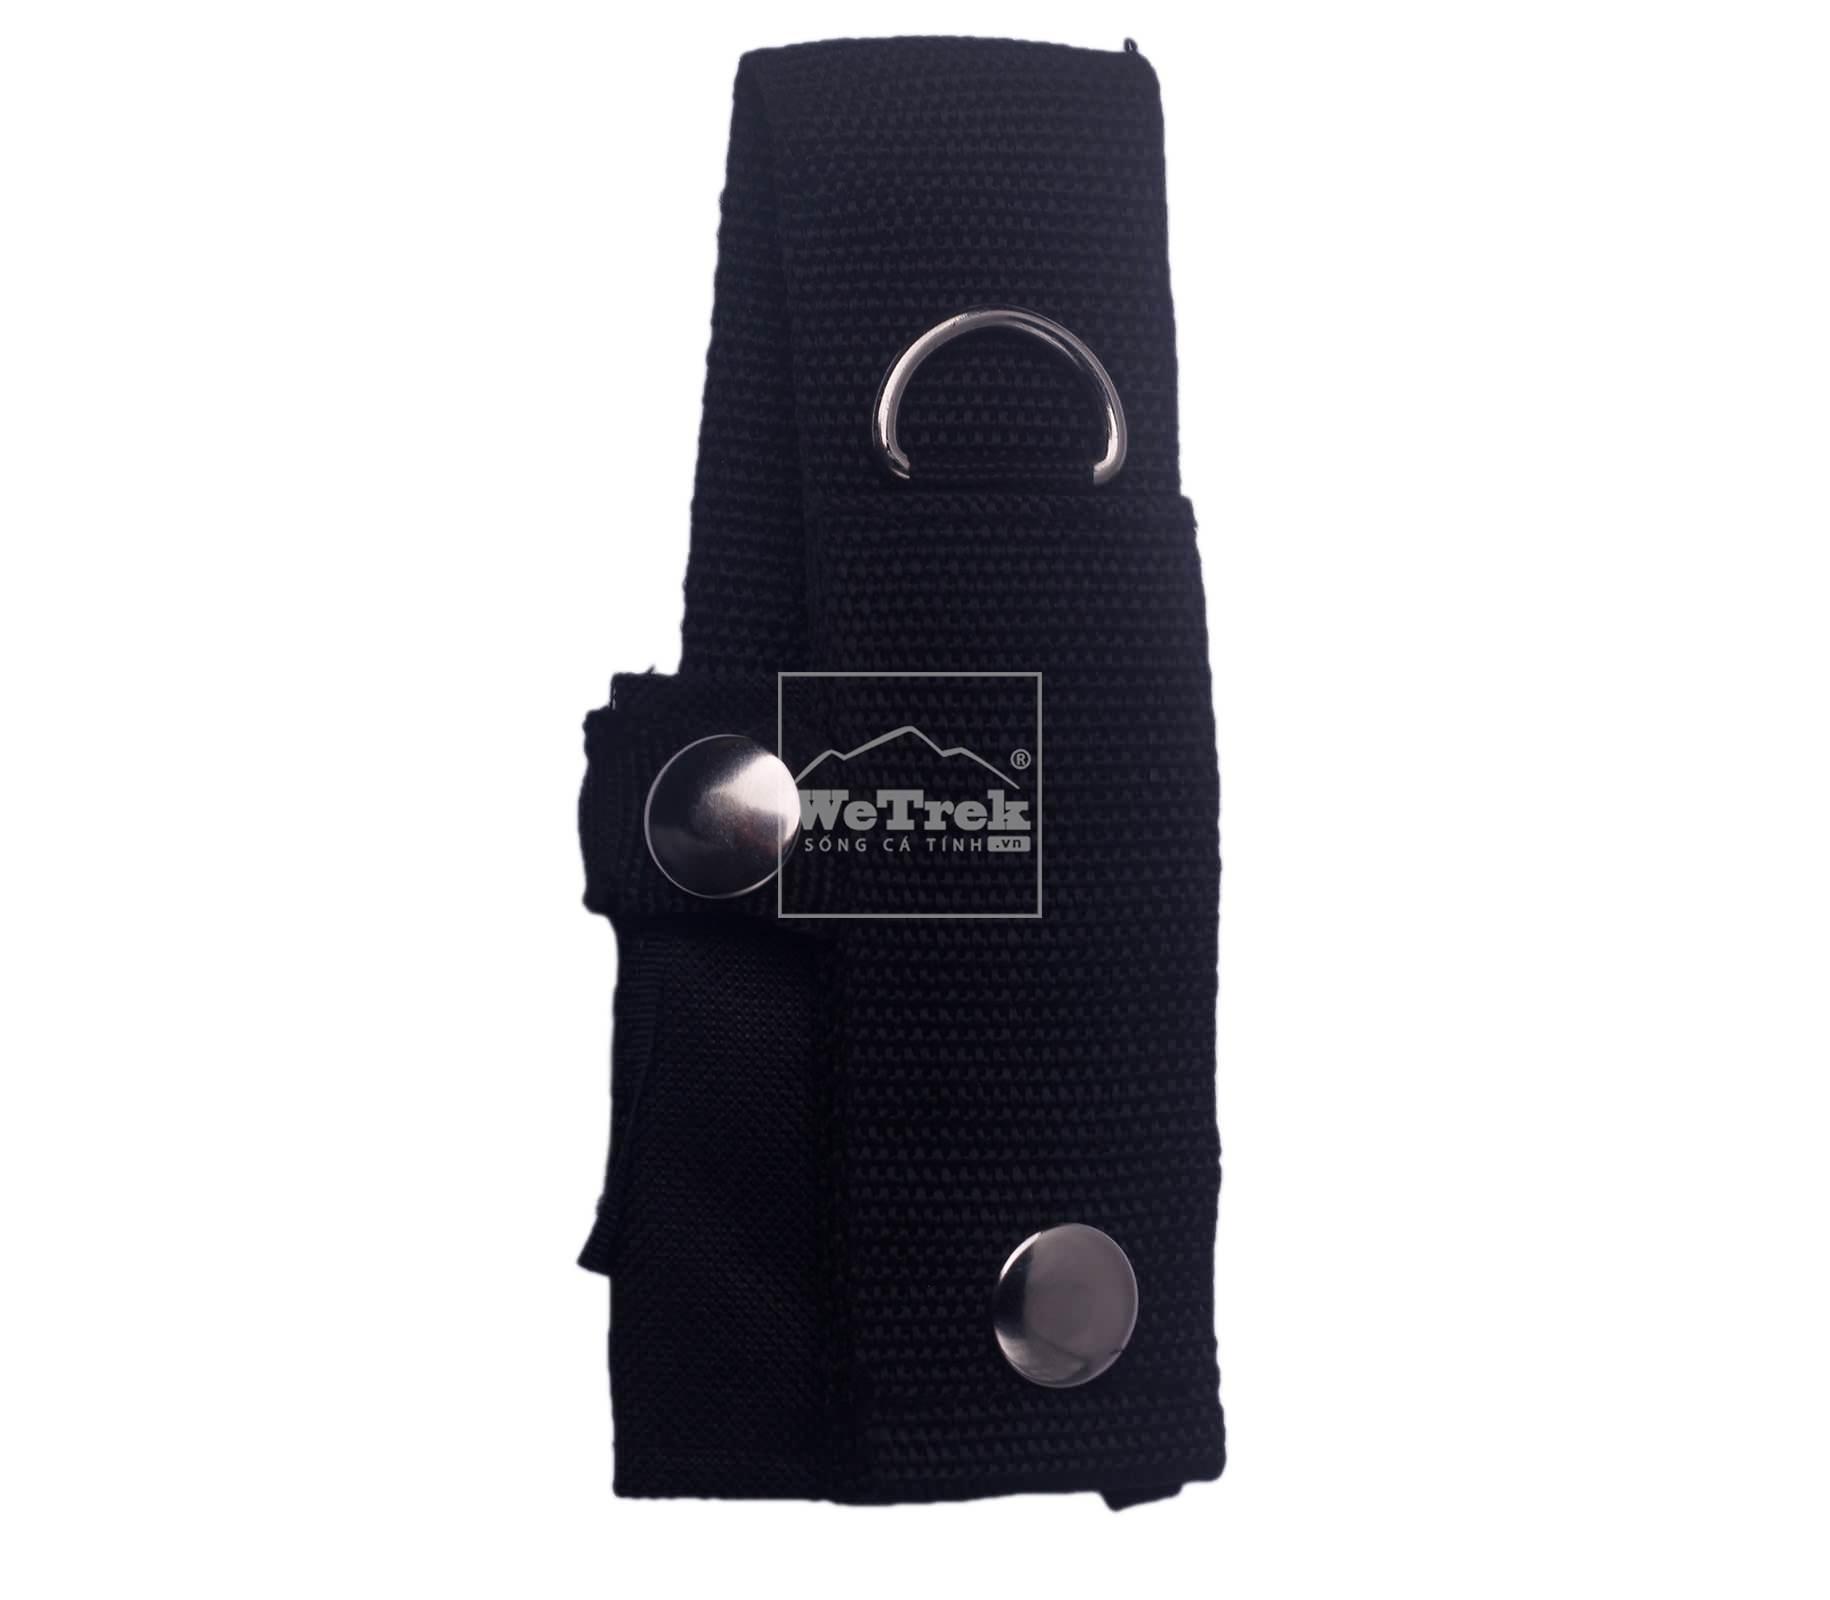 bao-dung-den-pin-3w-ryder-torch-polyester-pouch-k3001-6720-wetrek.vn-1